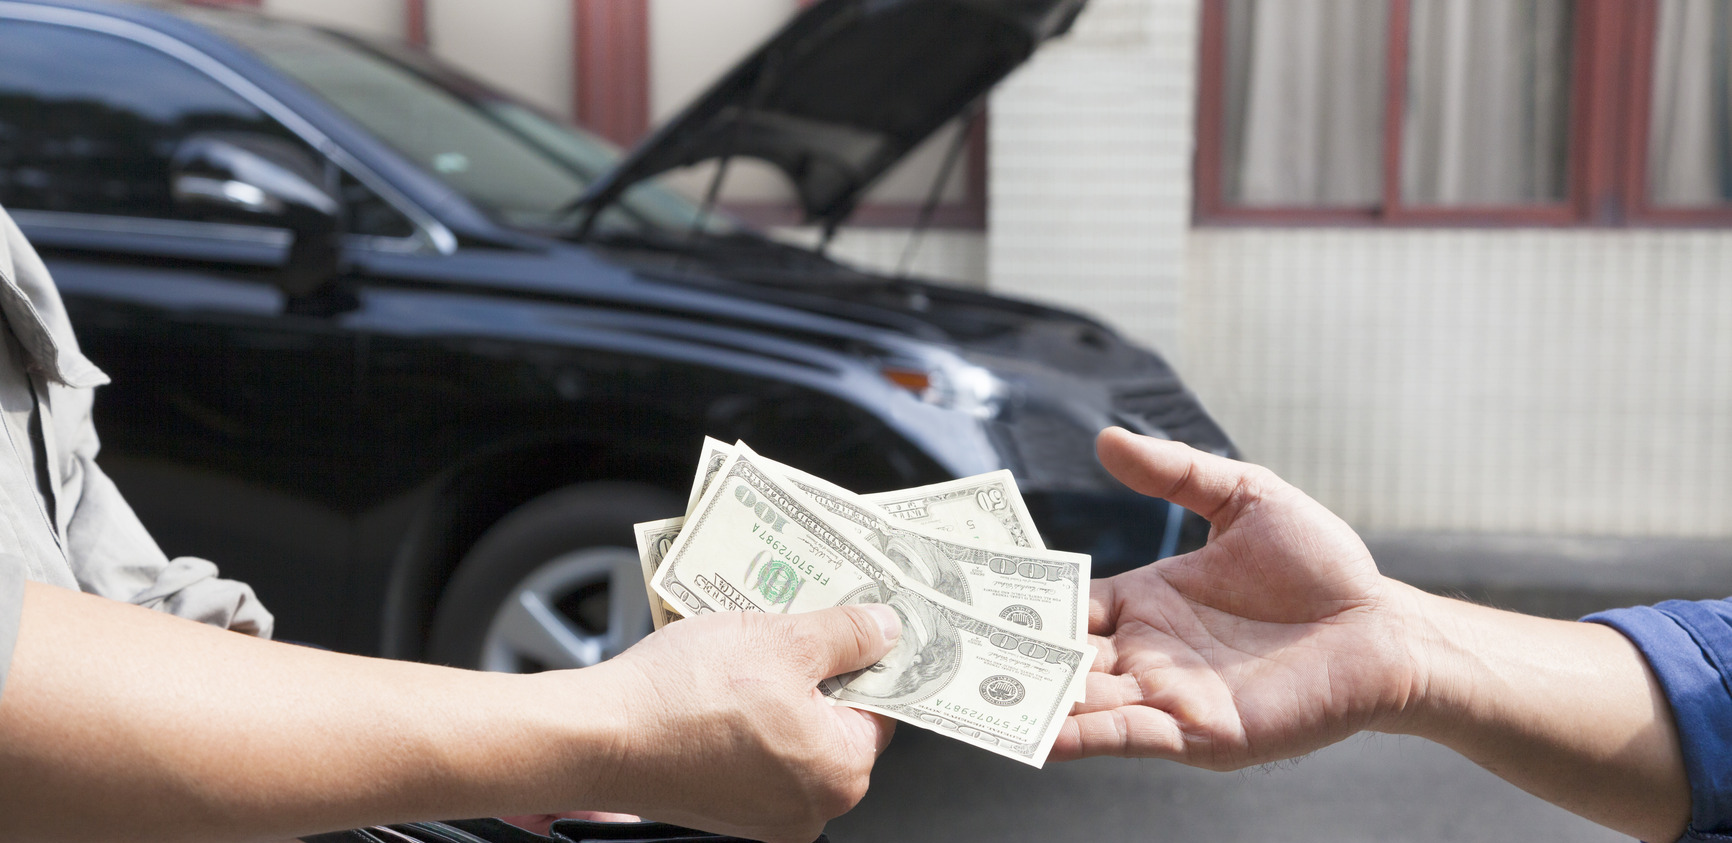 Araba satarken ihtiyacınız olan tüyolar: arabamı nasıl satacağım?